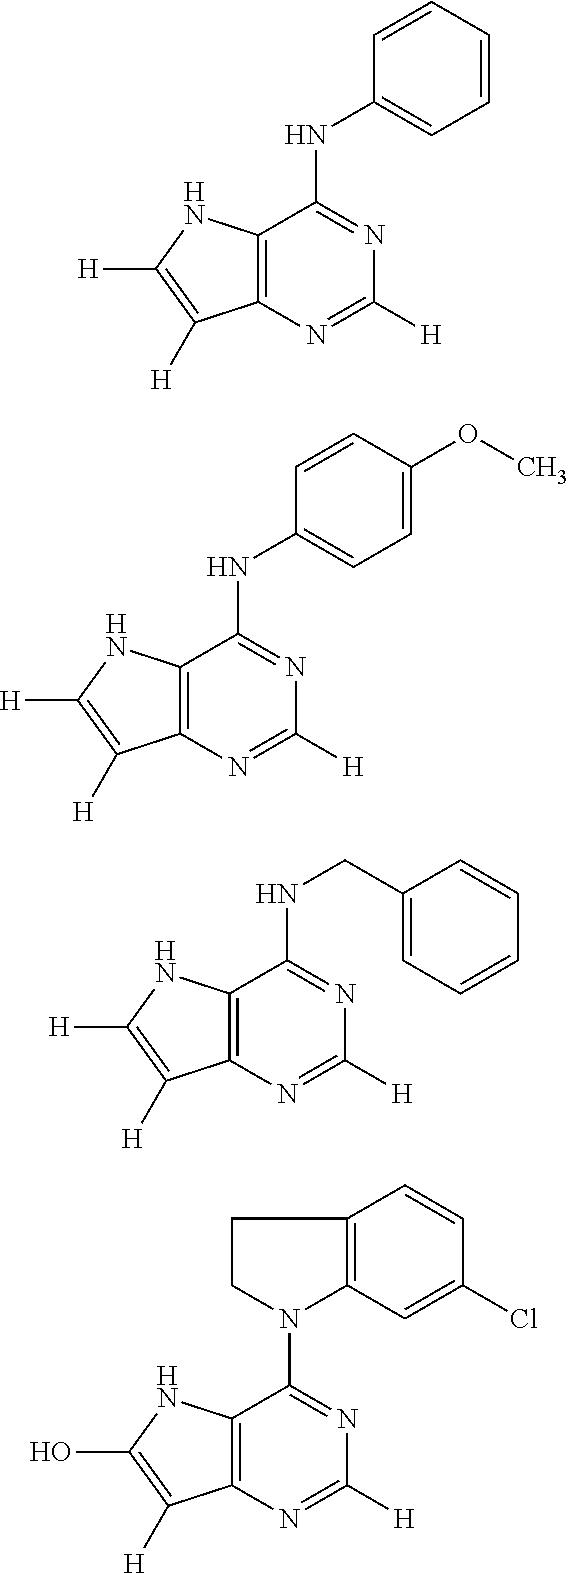 Figure US20110003805A1-20110106-C00010